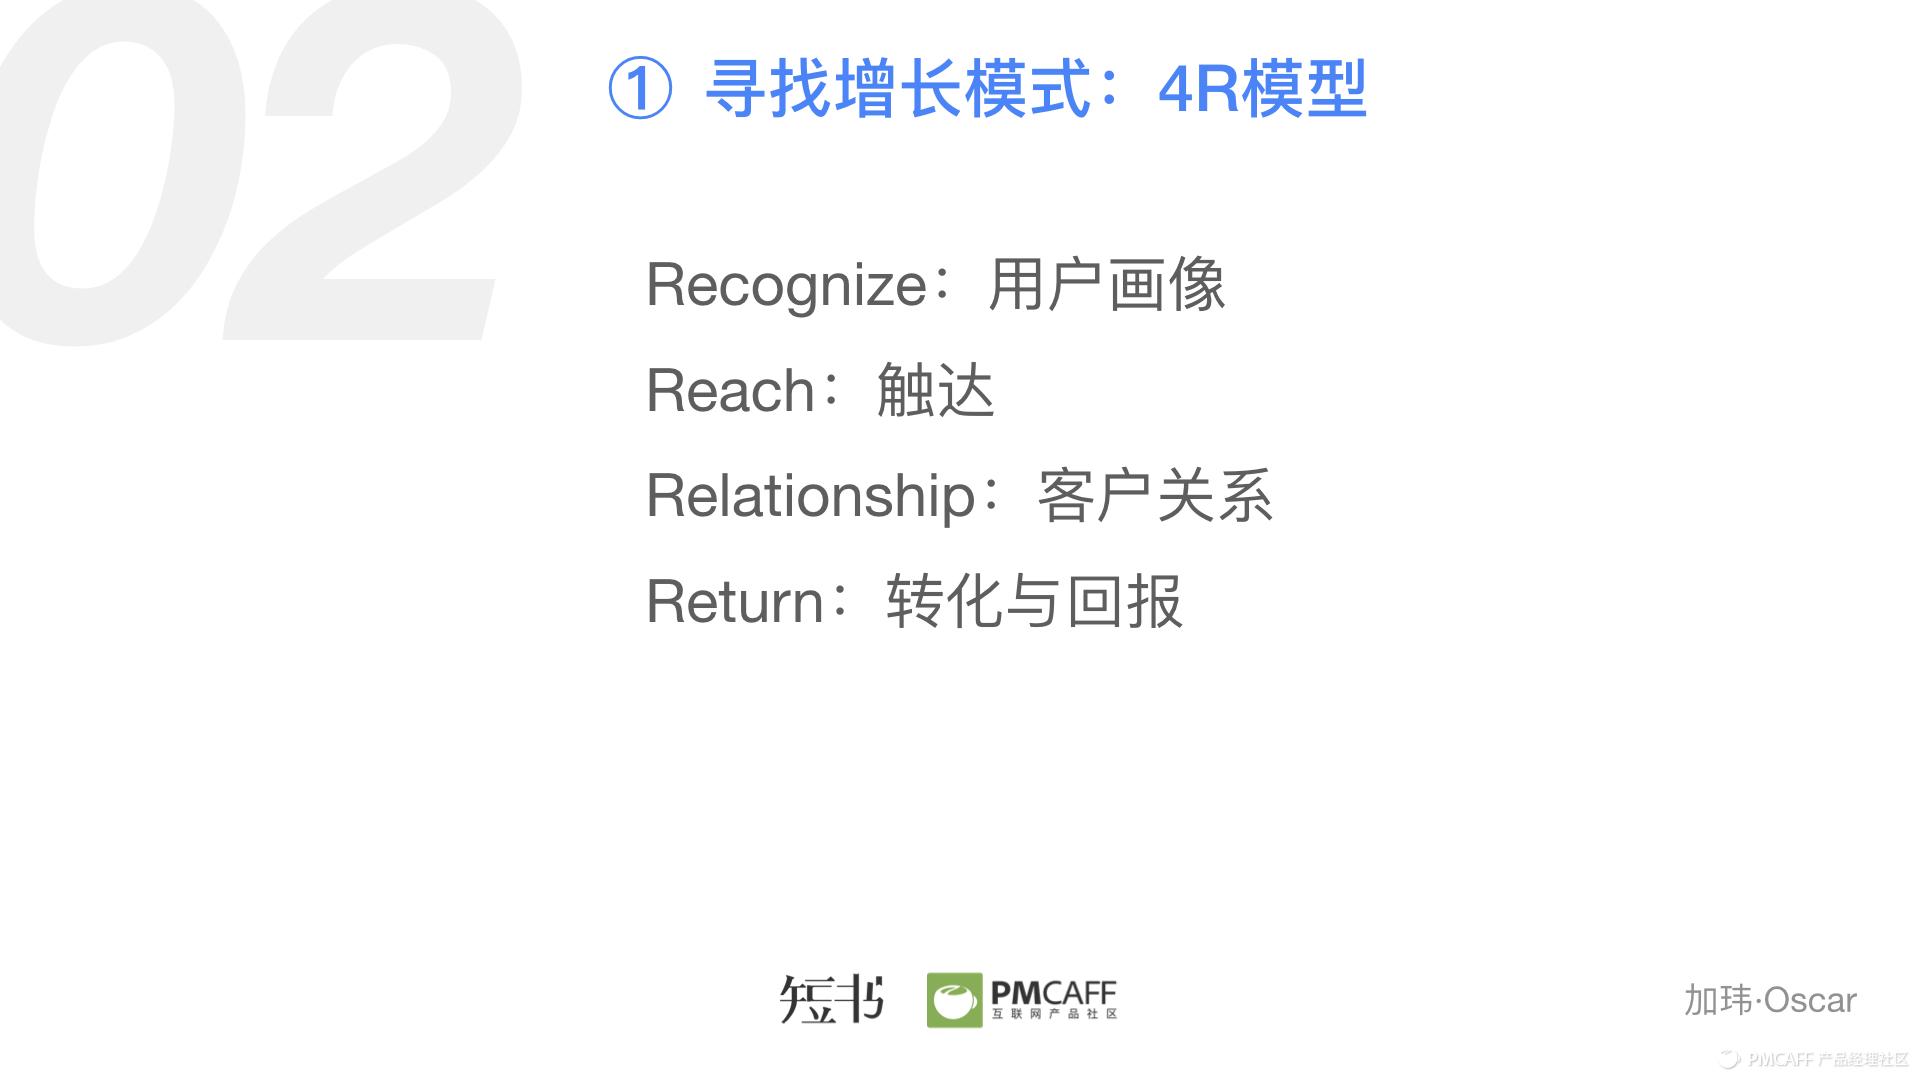 4R模型_加玮_增长思维